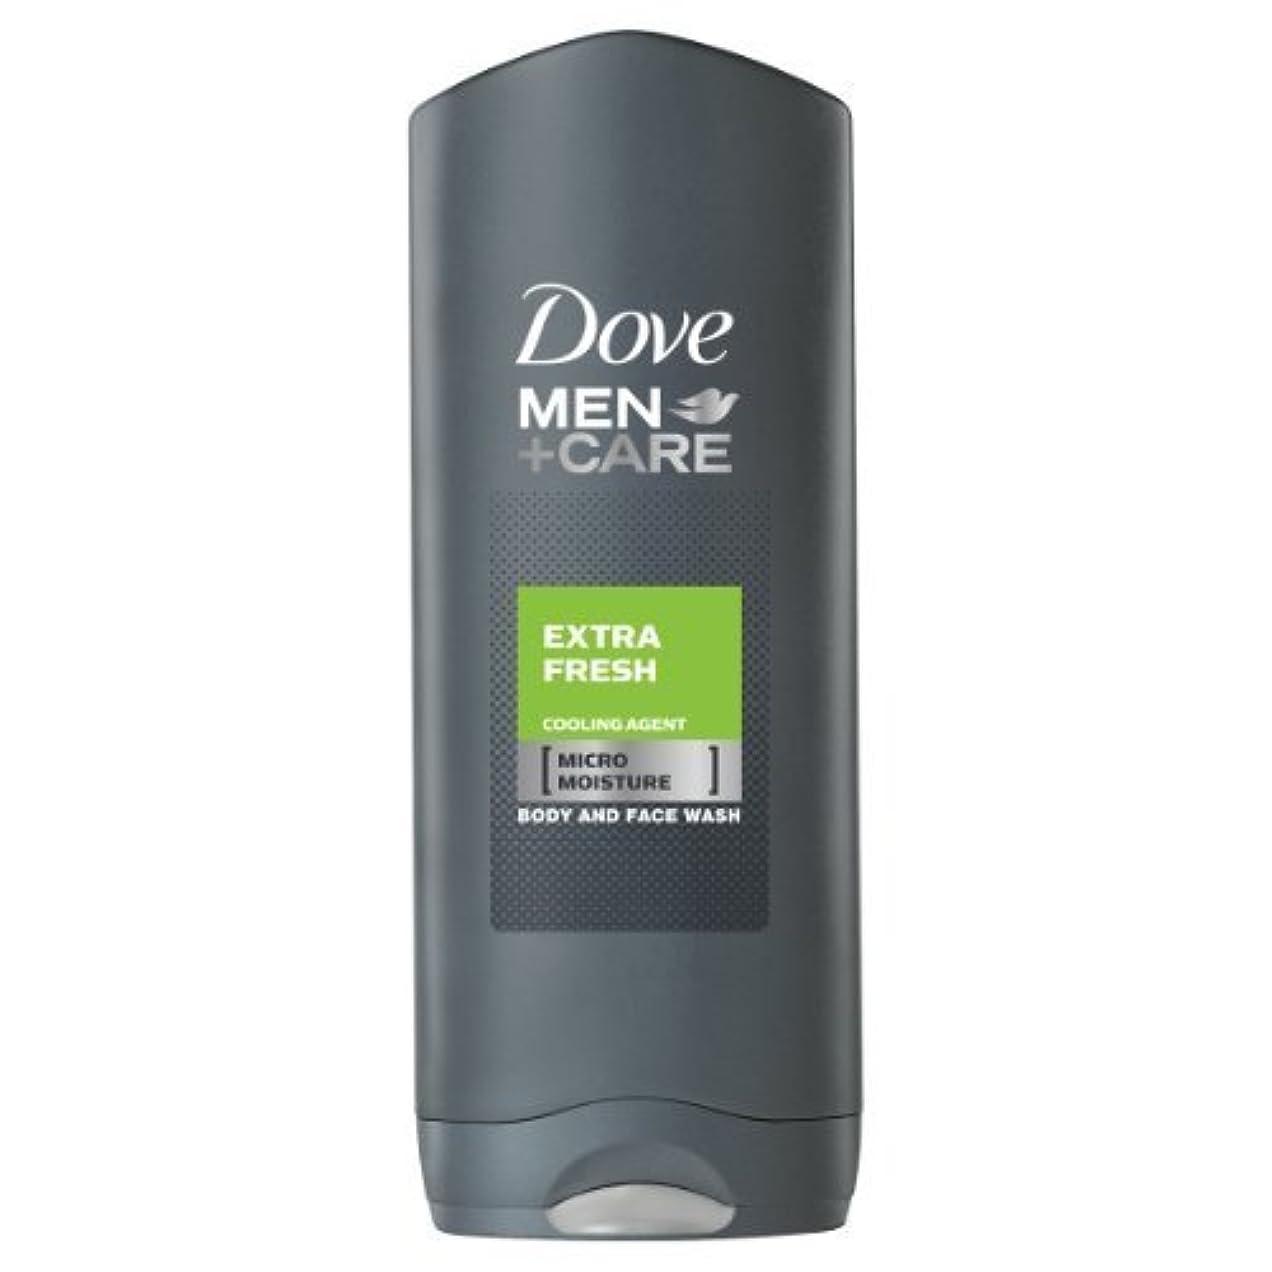 高尚なタイトル不適切なDove for Men Extra Fresh Body and Face Wash 250 ml by Dove [並行輸入品]